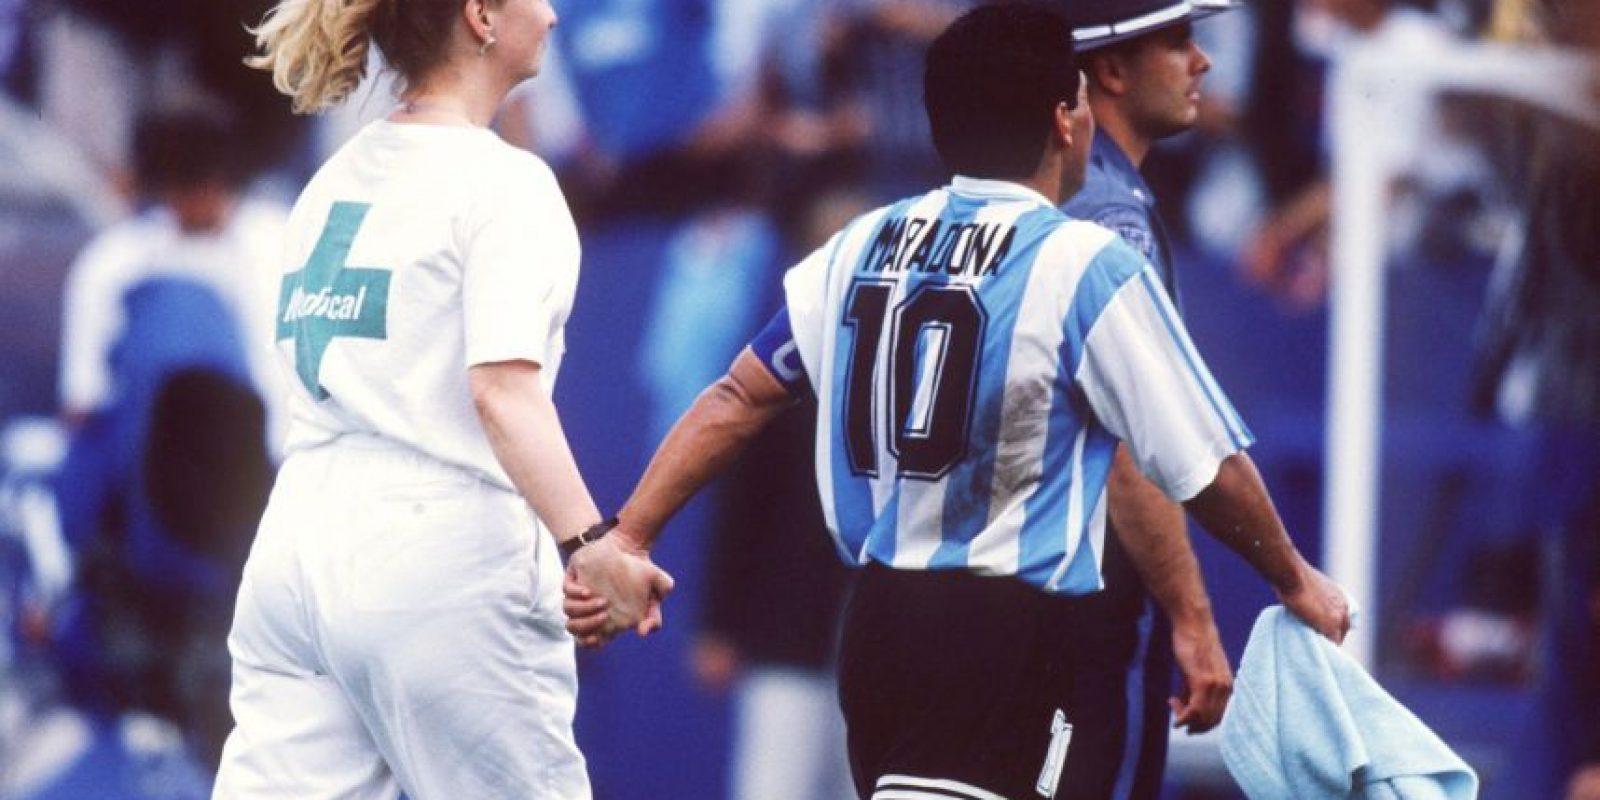 Dio positivo en los exámenes de dopaje del Mundial de 1994. Foto:Getty Images